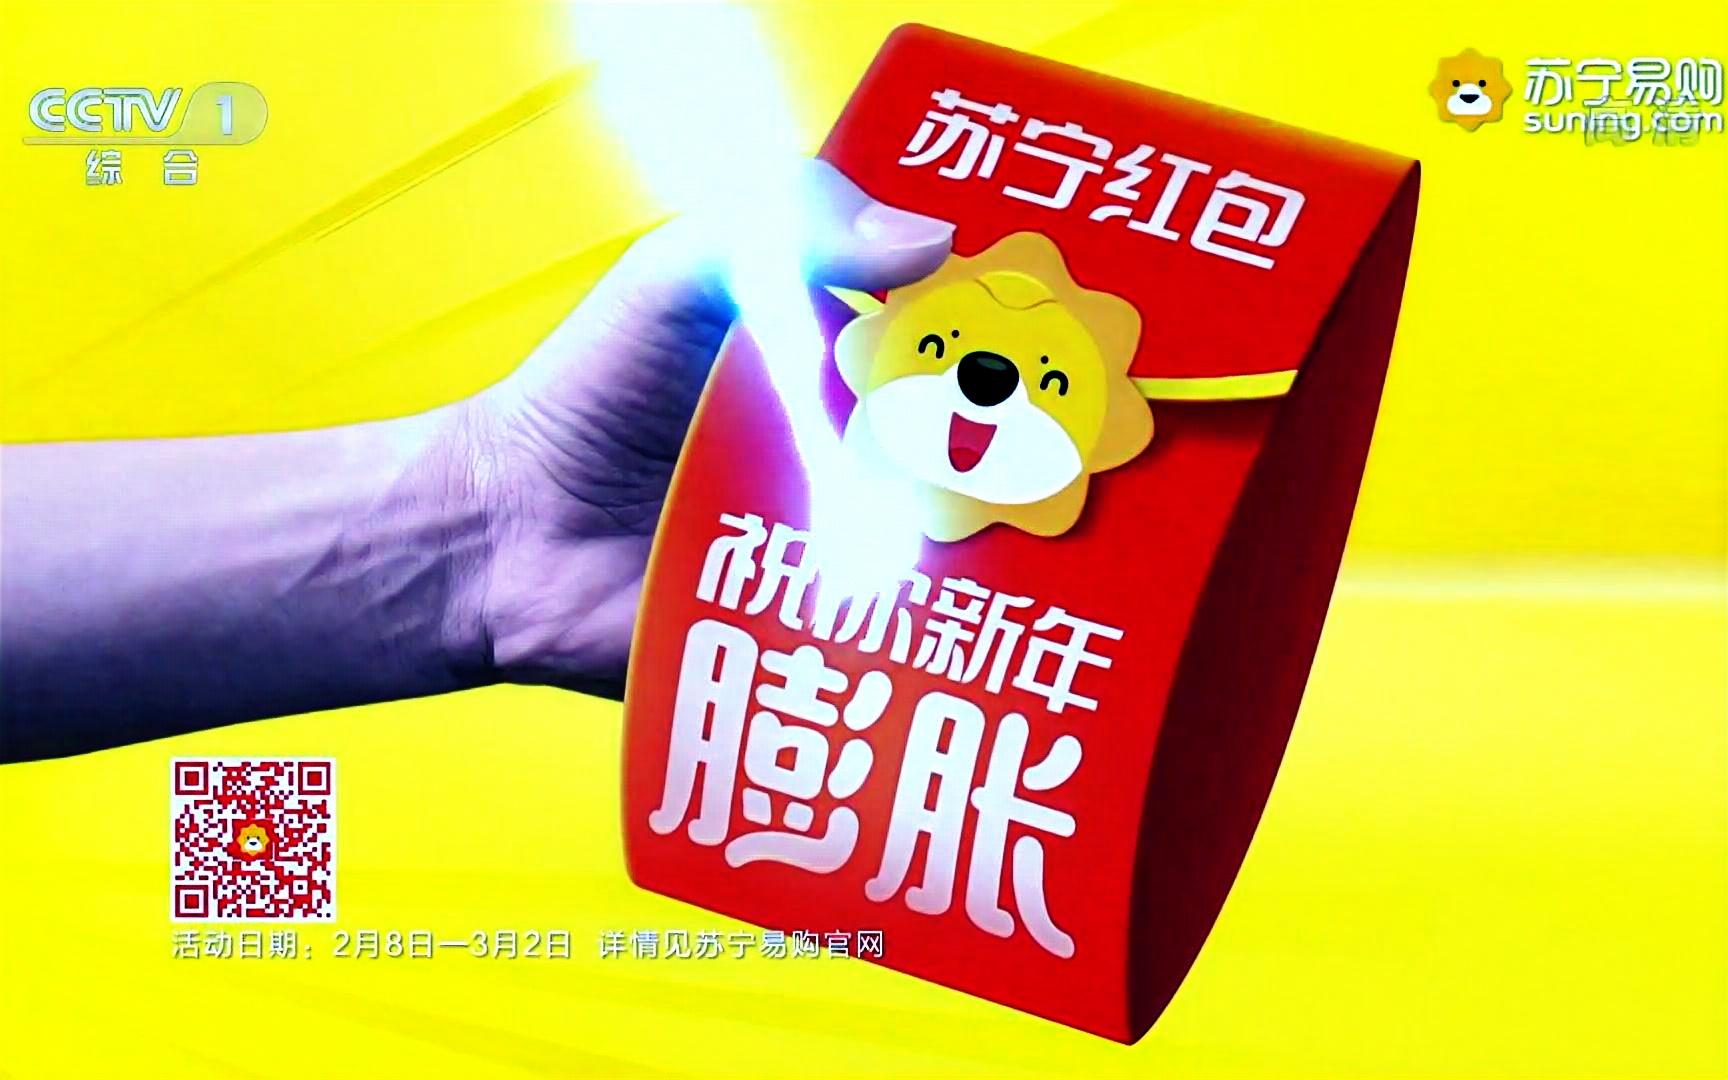 央视广告欣赏-苏宁膨胀红包